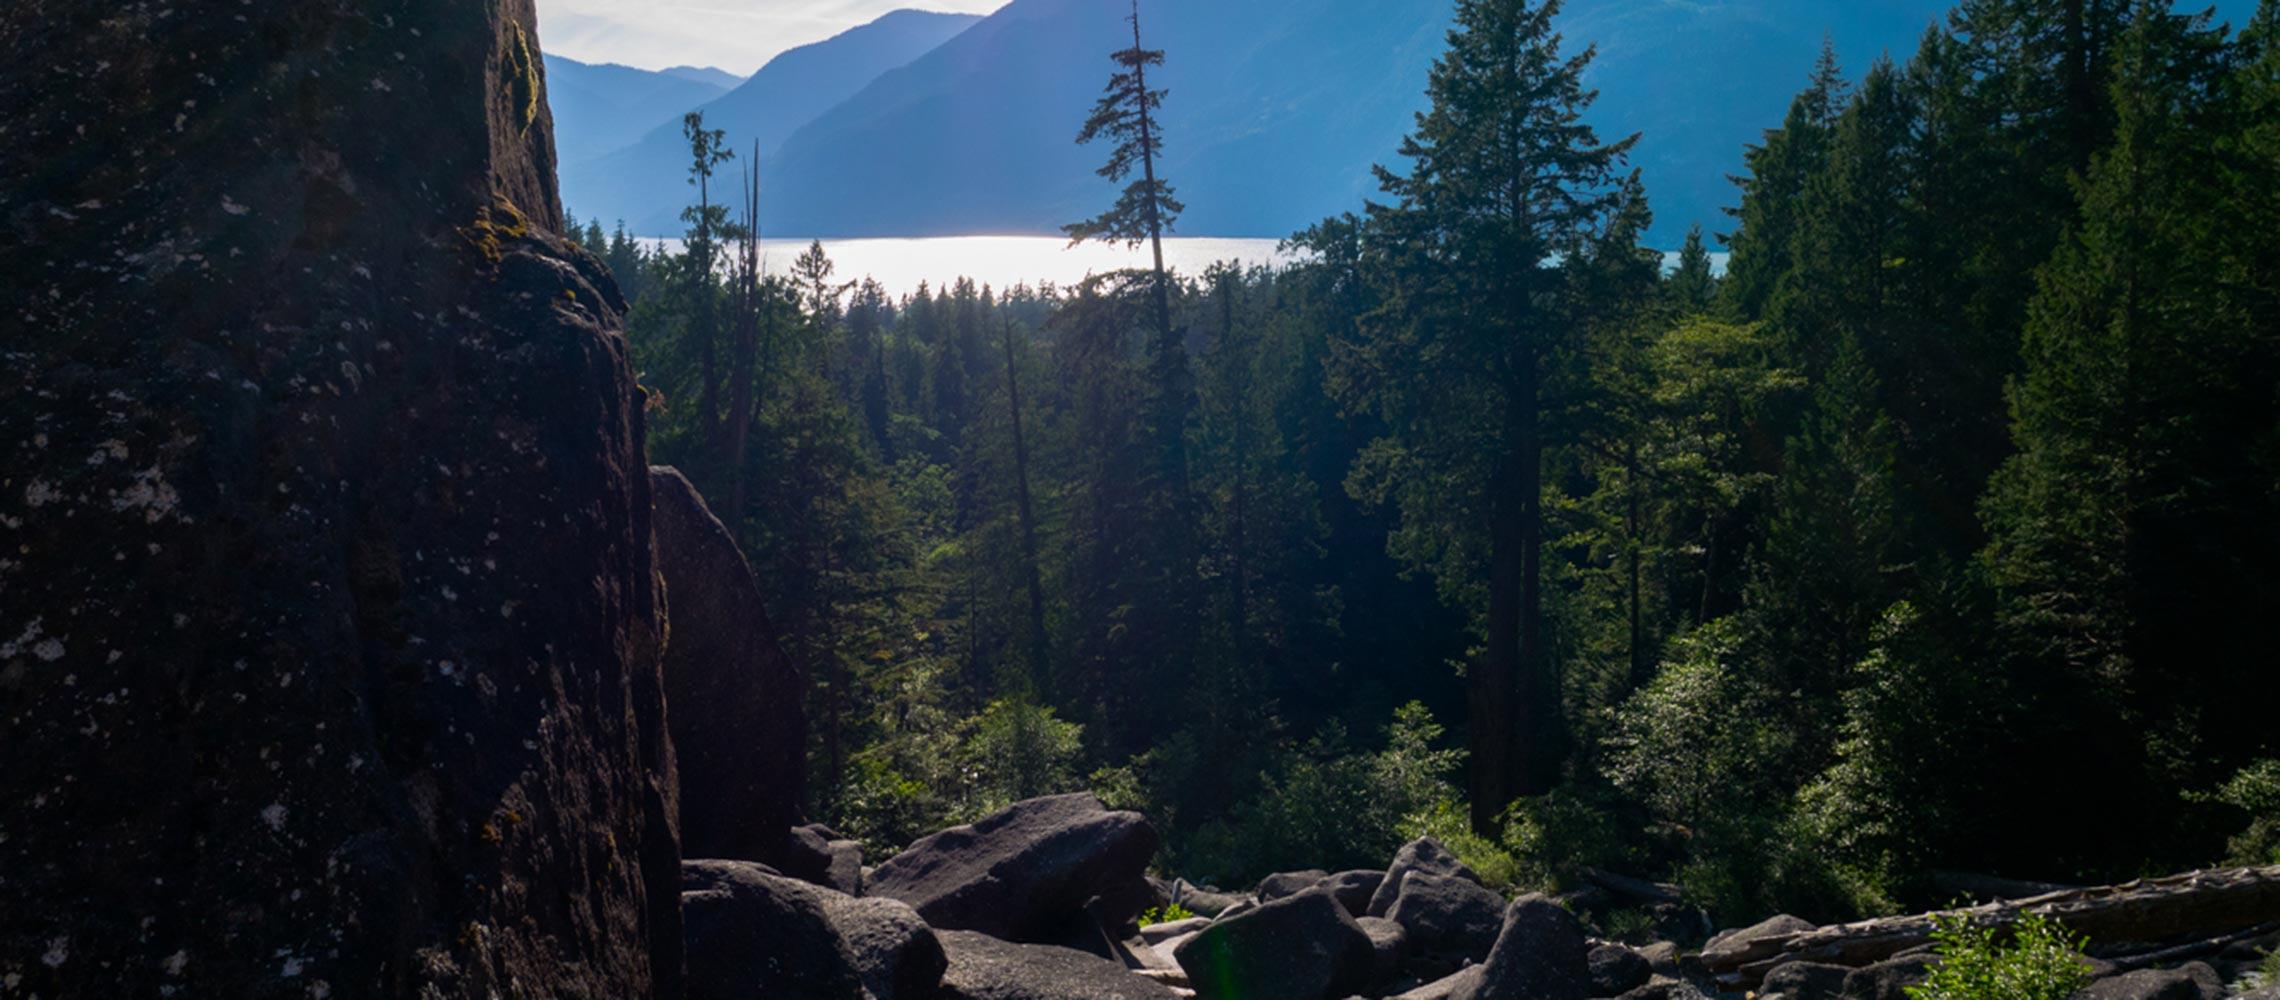 Shannon Falls Squamish BC